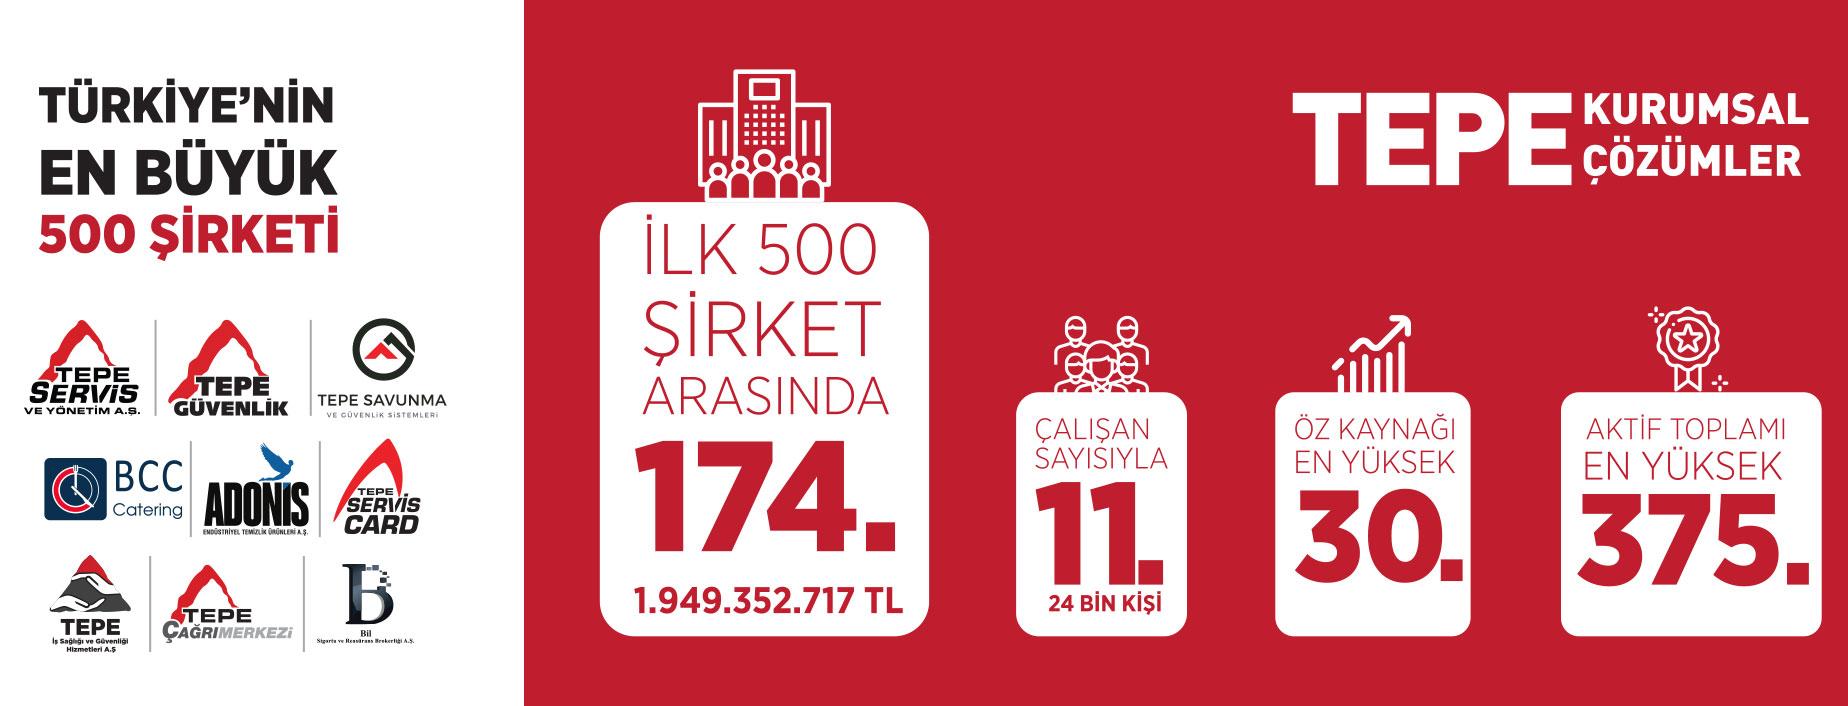 Türkiye'nin En Büyük 500 Şirketi